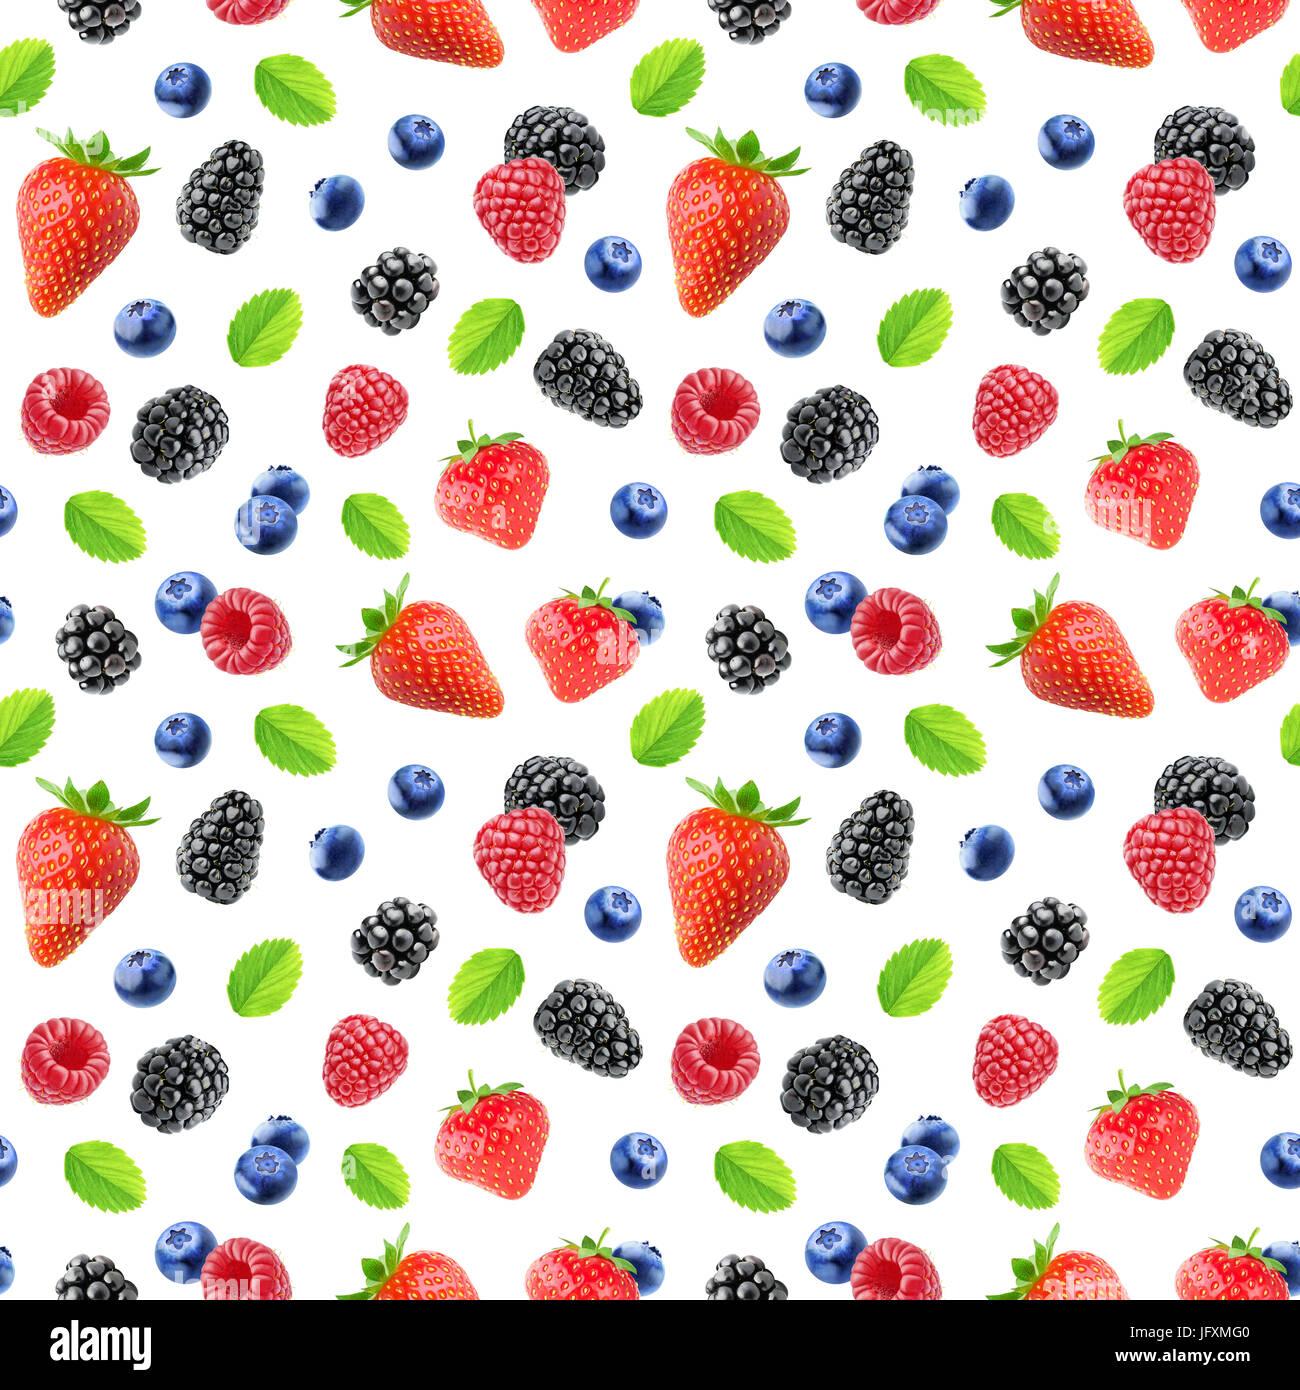 Patrón de bayas. Antecedentes perfecta con fresa, zarzamora, frambuesa y arándanos frutas aisladas sobre Imagen De Stock